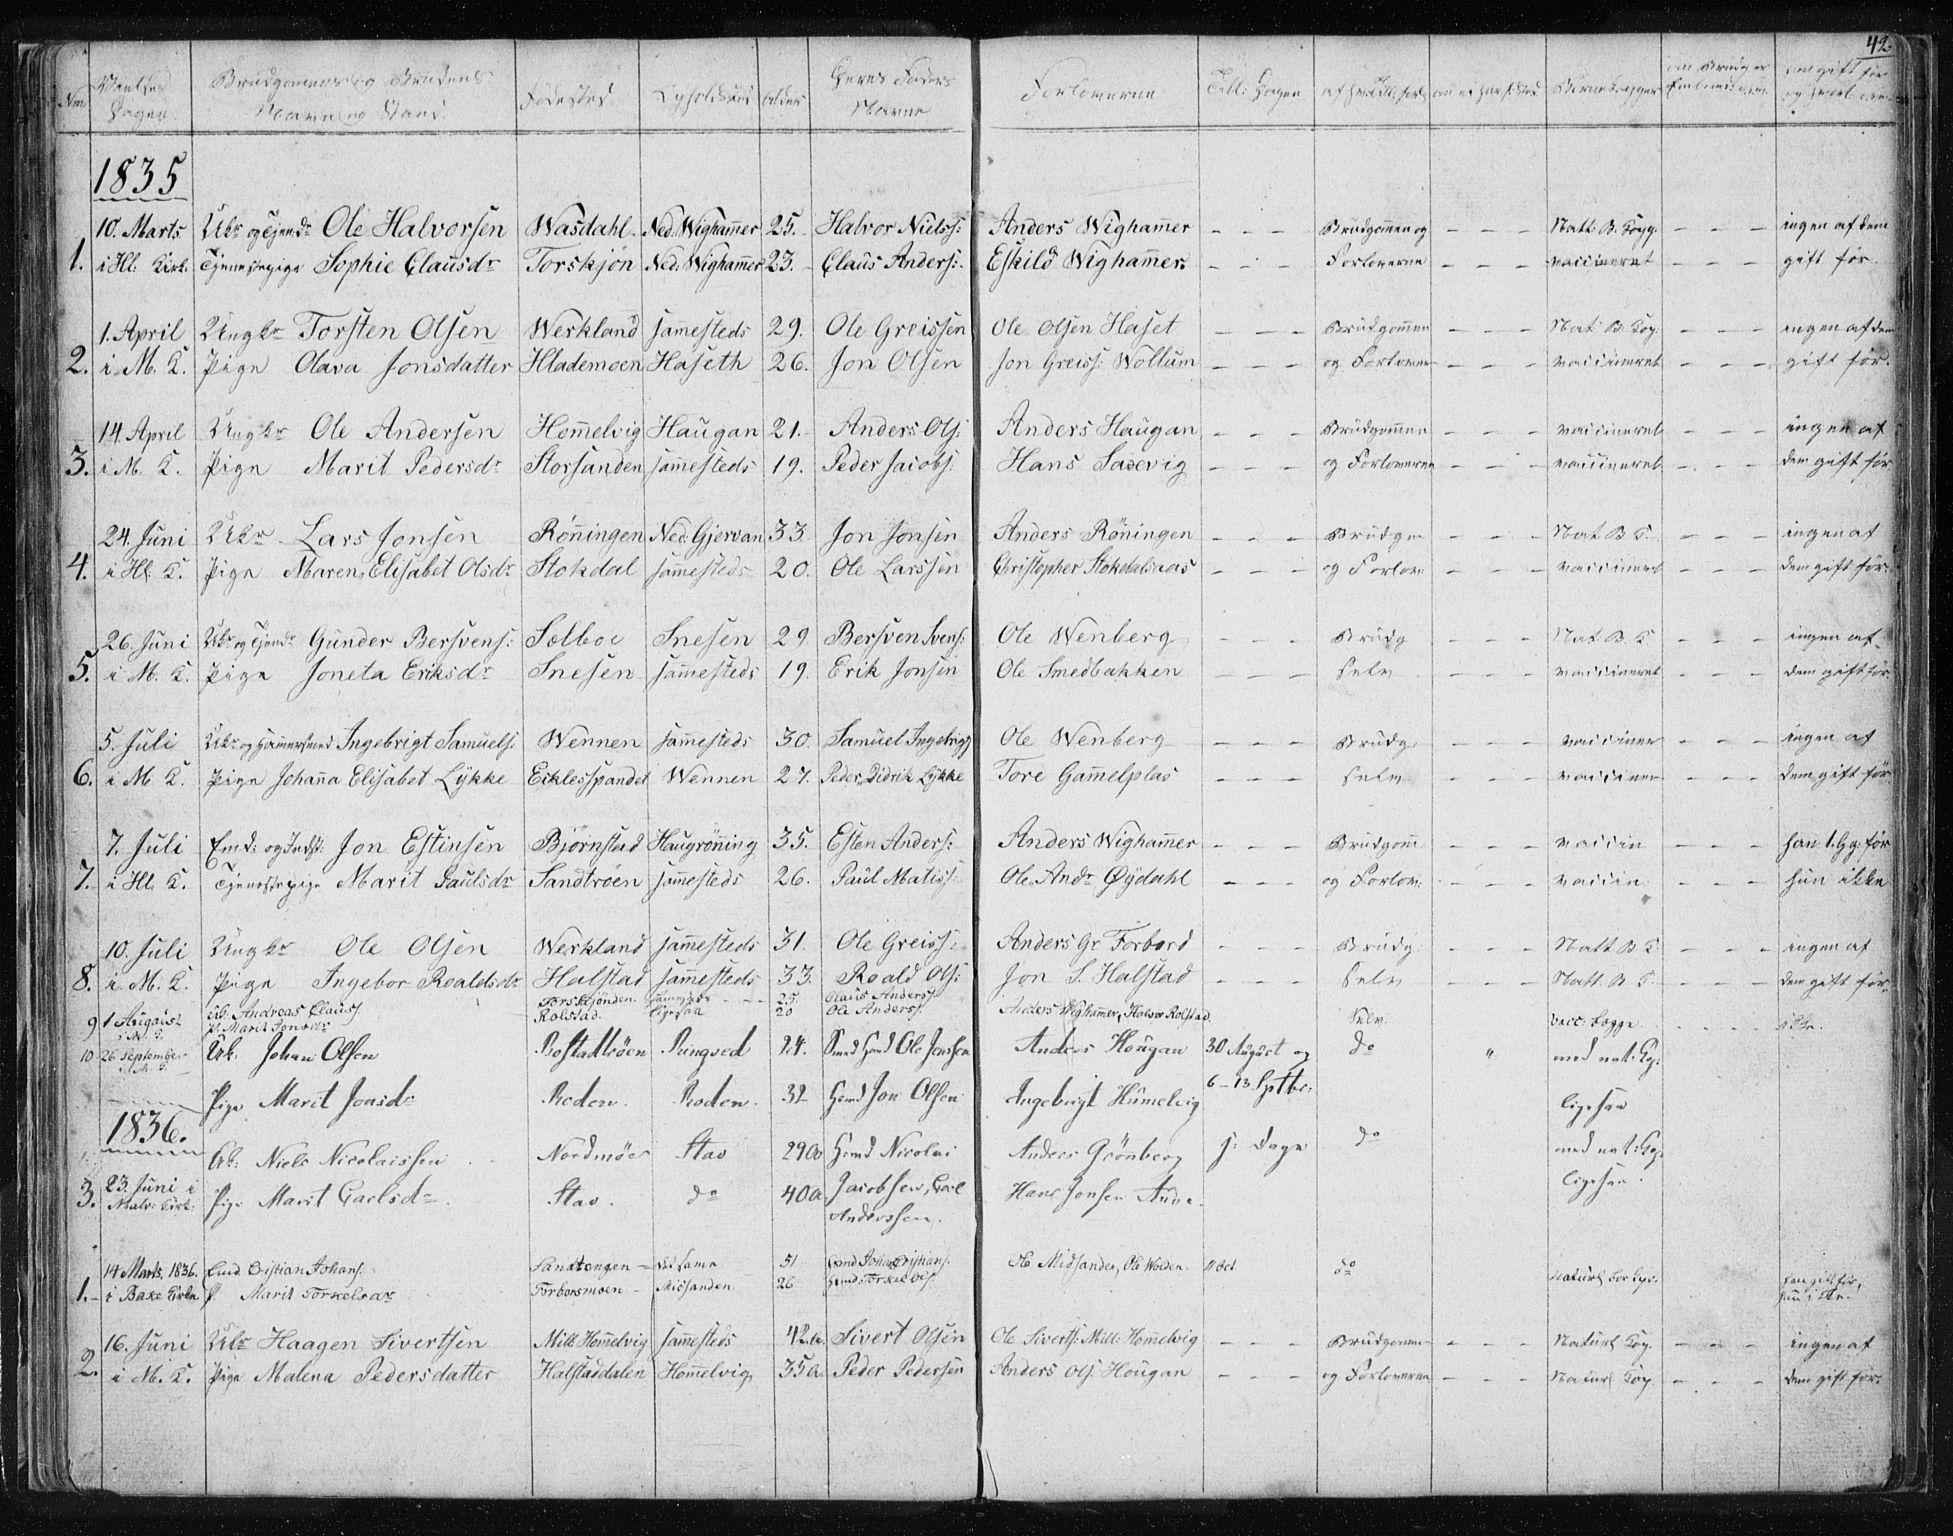 SAT, Ministerialprotokoller, klokkerbøker og fødselsregistre - Sør-Trøndelag, 616/L0405: Ministerialbok nr. 616A02, 1831-1842, s. 42